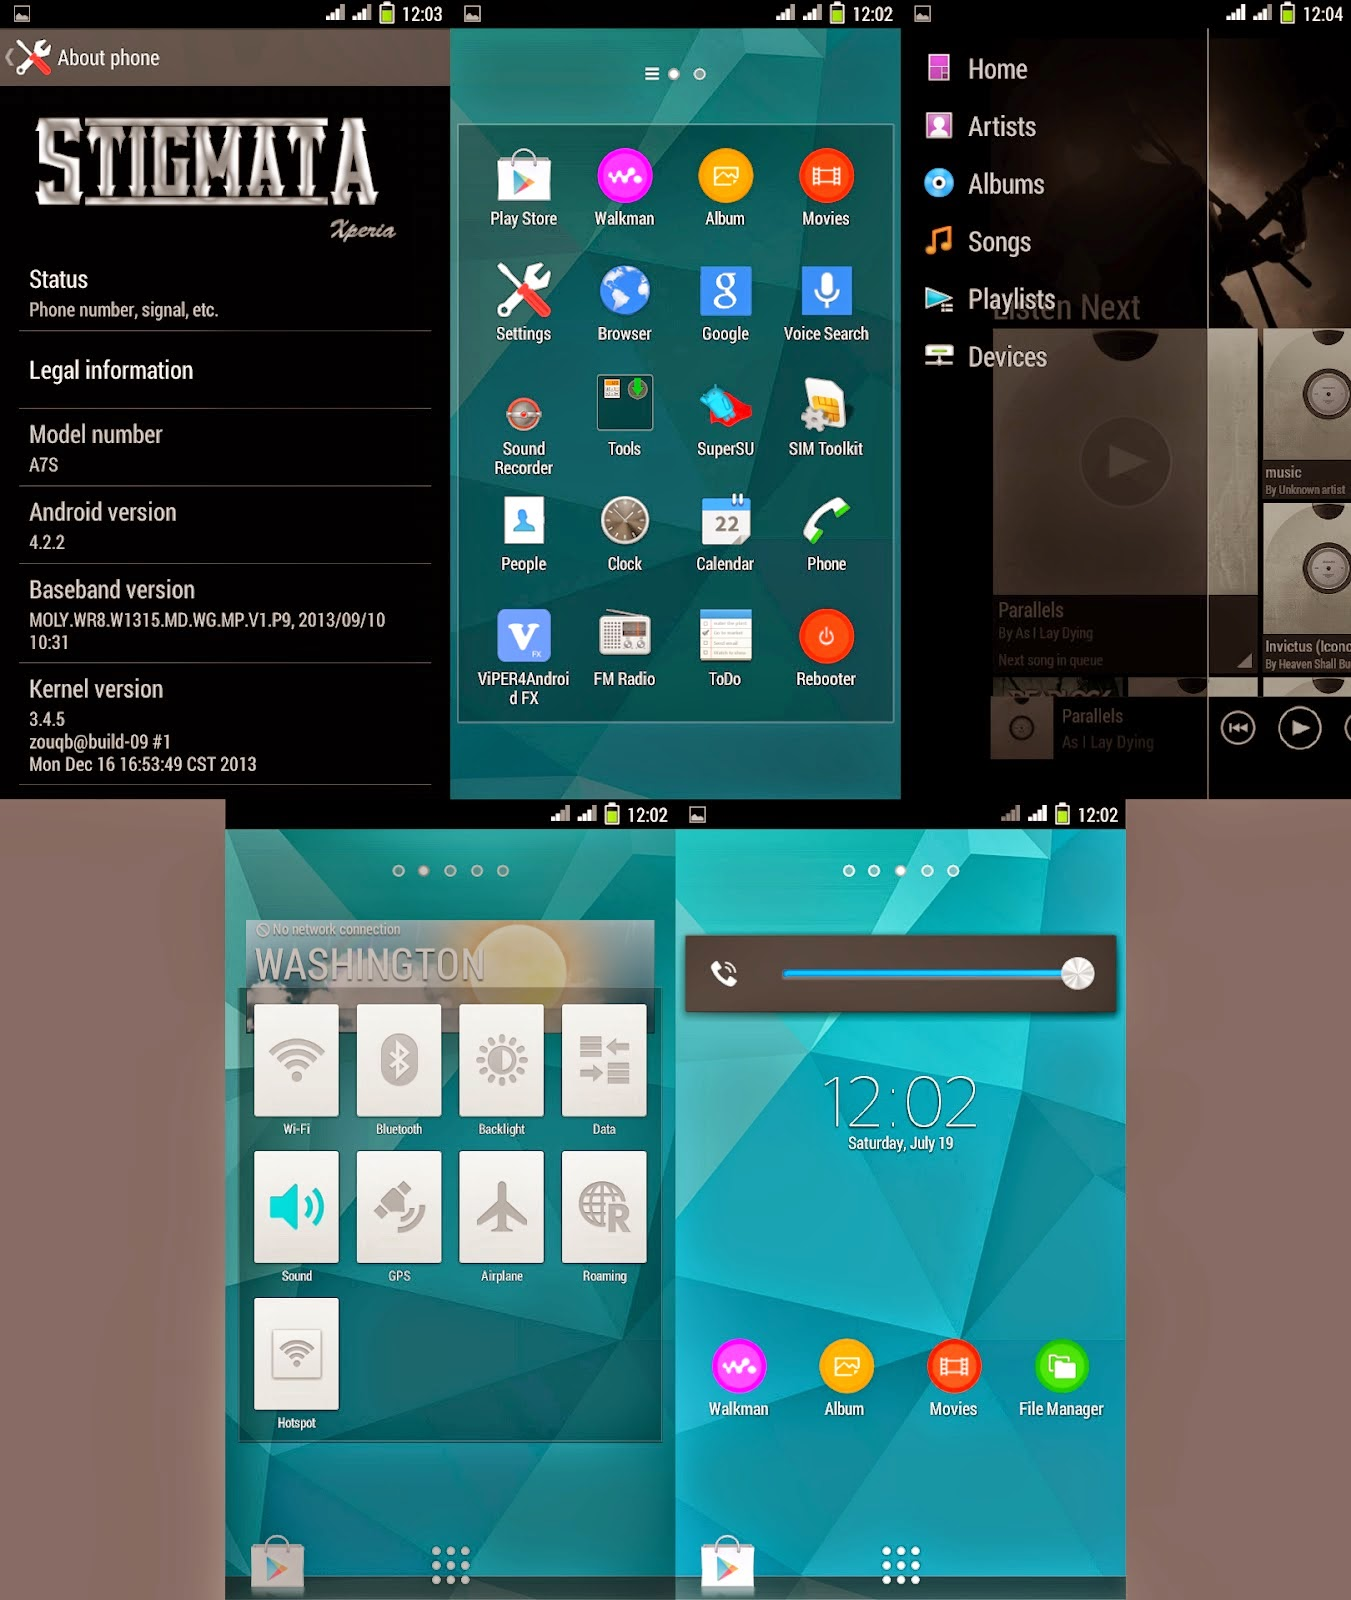 Custom ROM Stigmata Xperia untuk Evercoss A7S Terbaru | Keren!